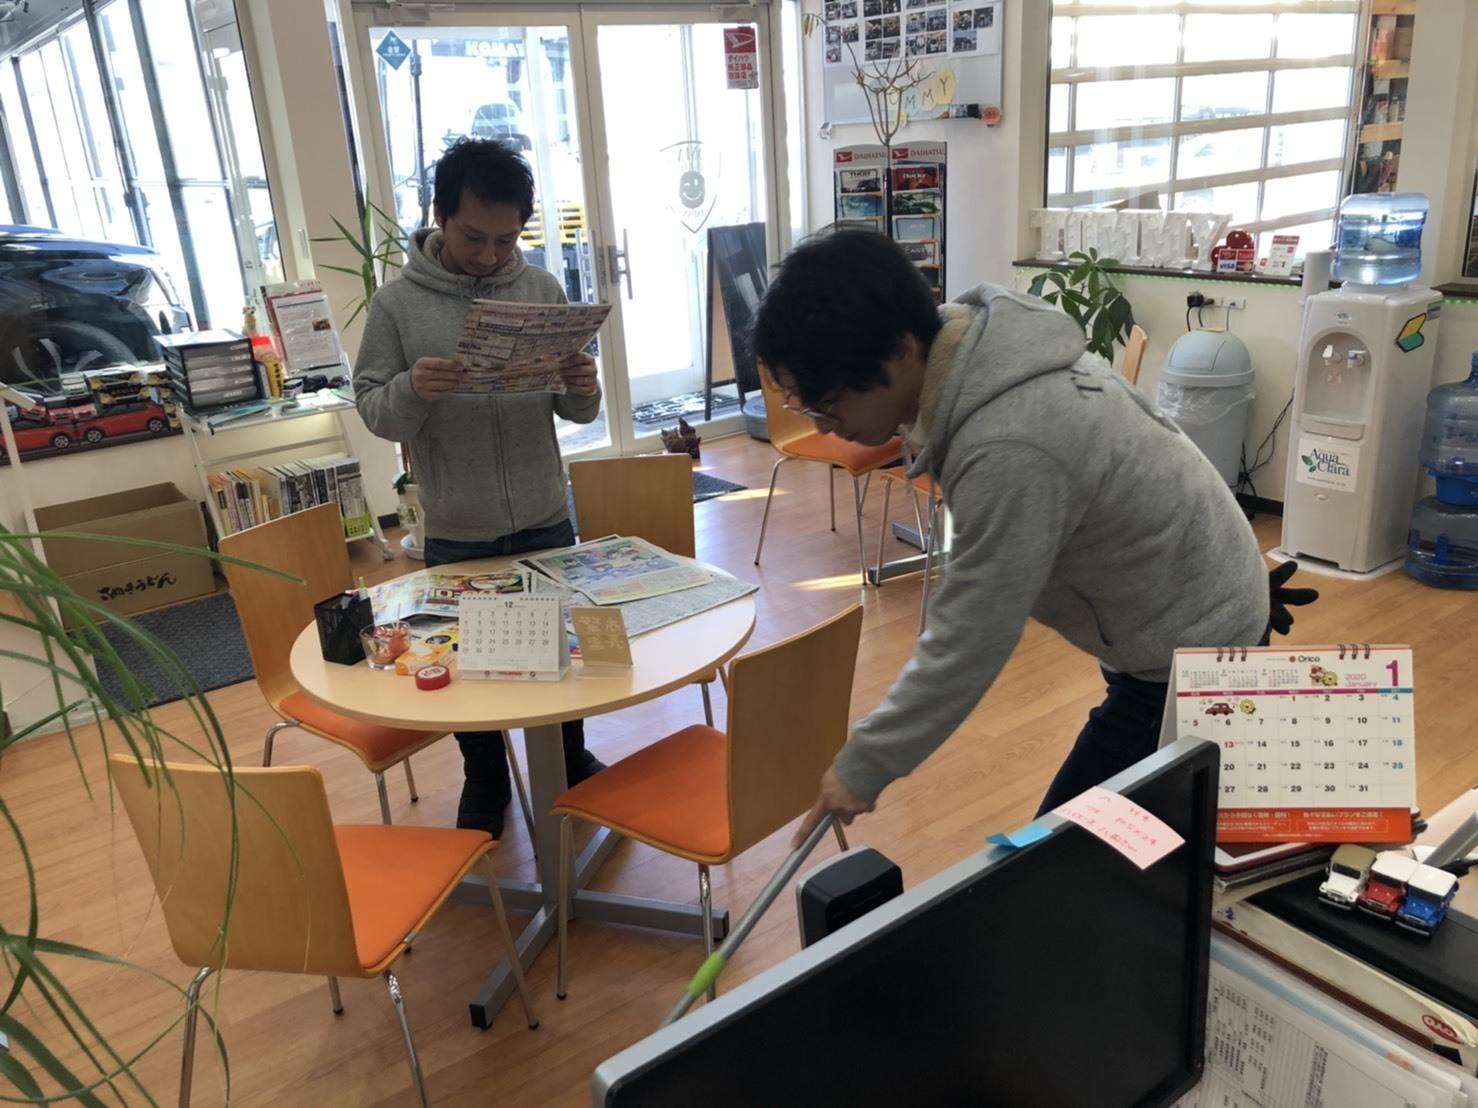 1月25日(日)O様新車タント納車☆エスカレード ゼロデザインあります✊レクサス ランクル ハマー TOMMY_b0127002_18383291.jpg